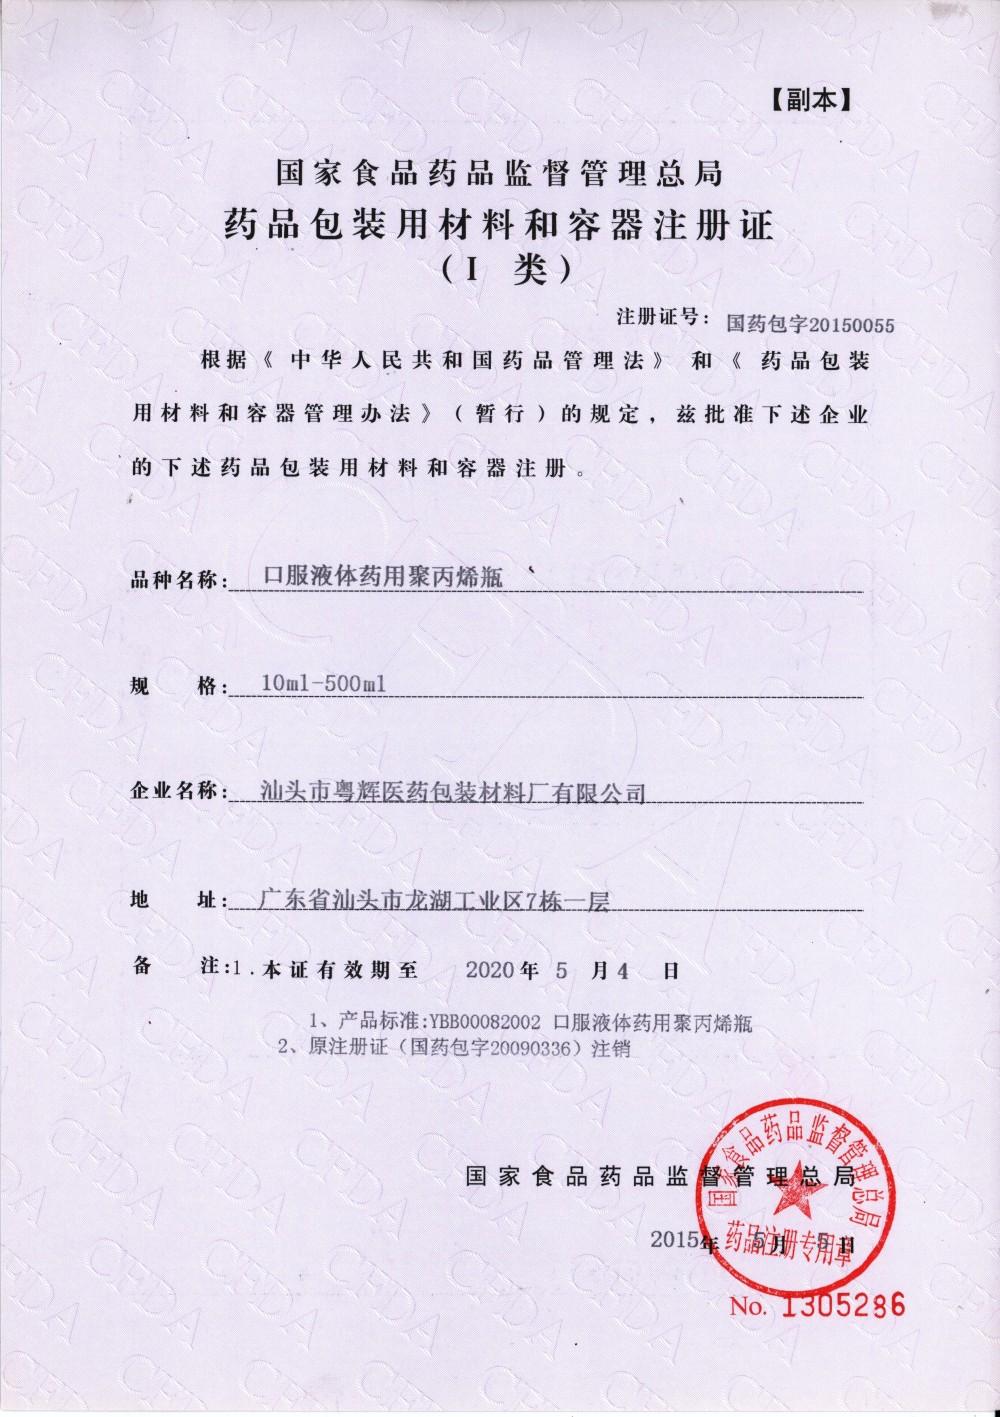 PP固体药包材证